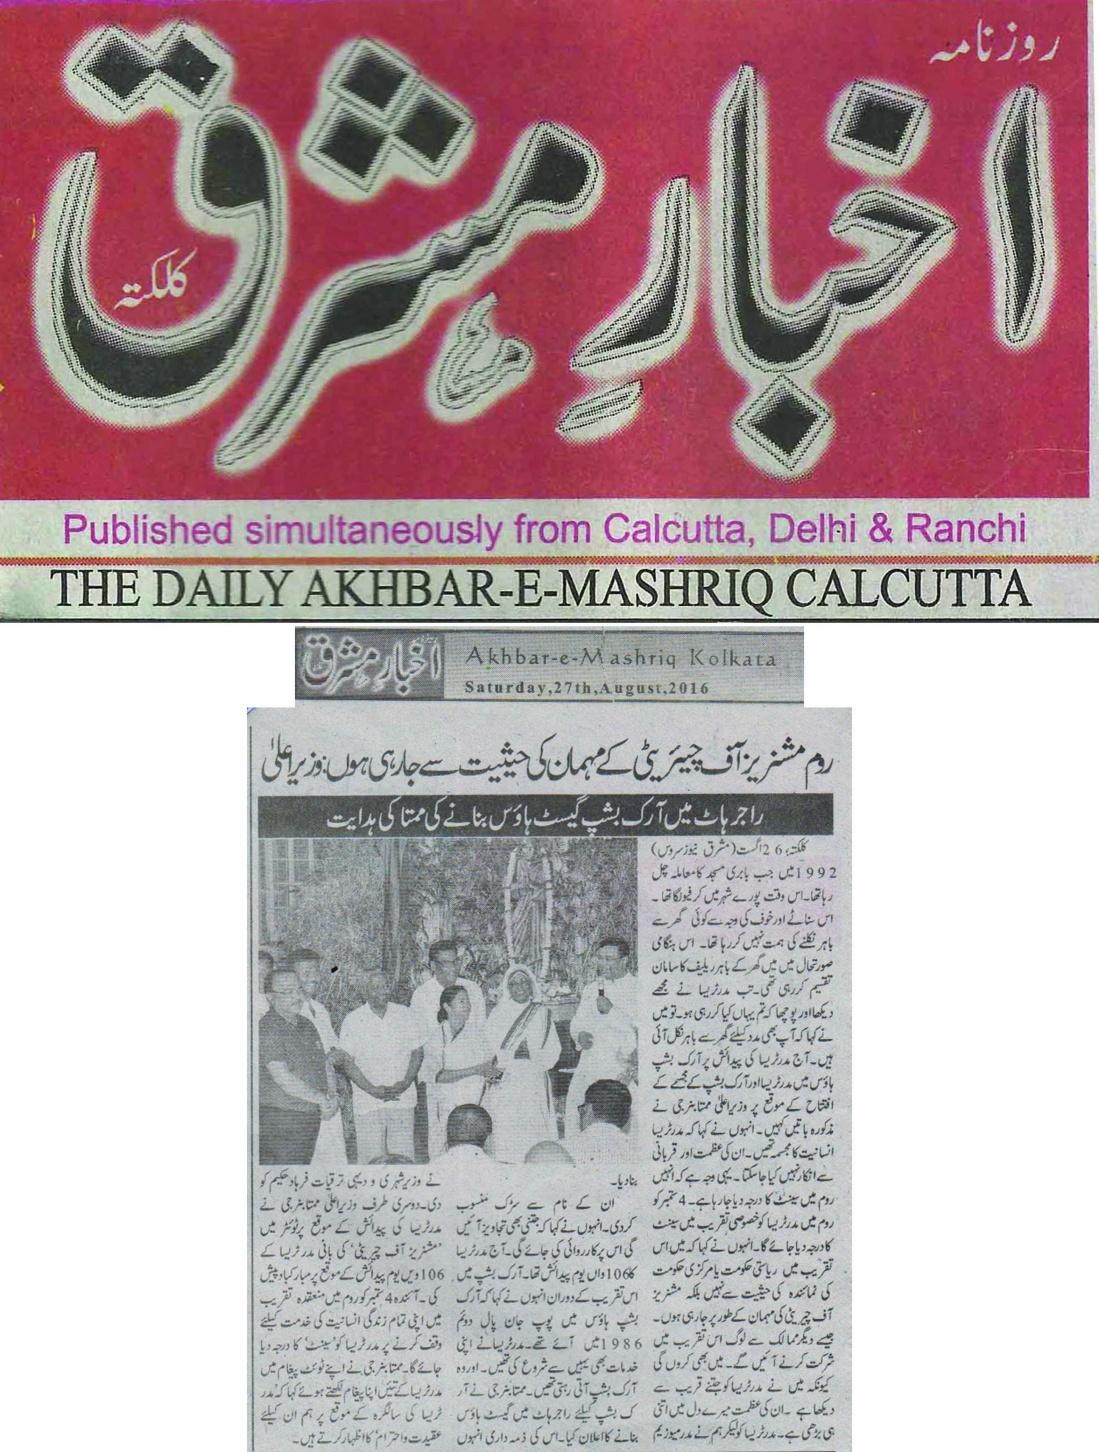 Akhbar-e-Mashriq